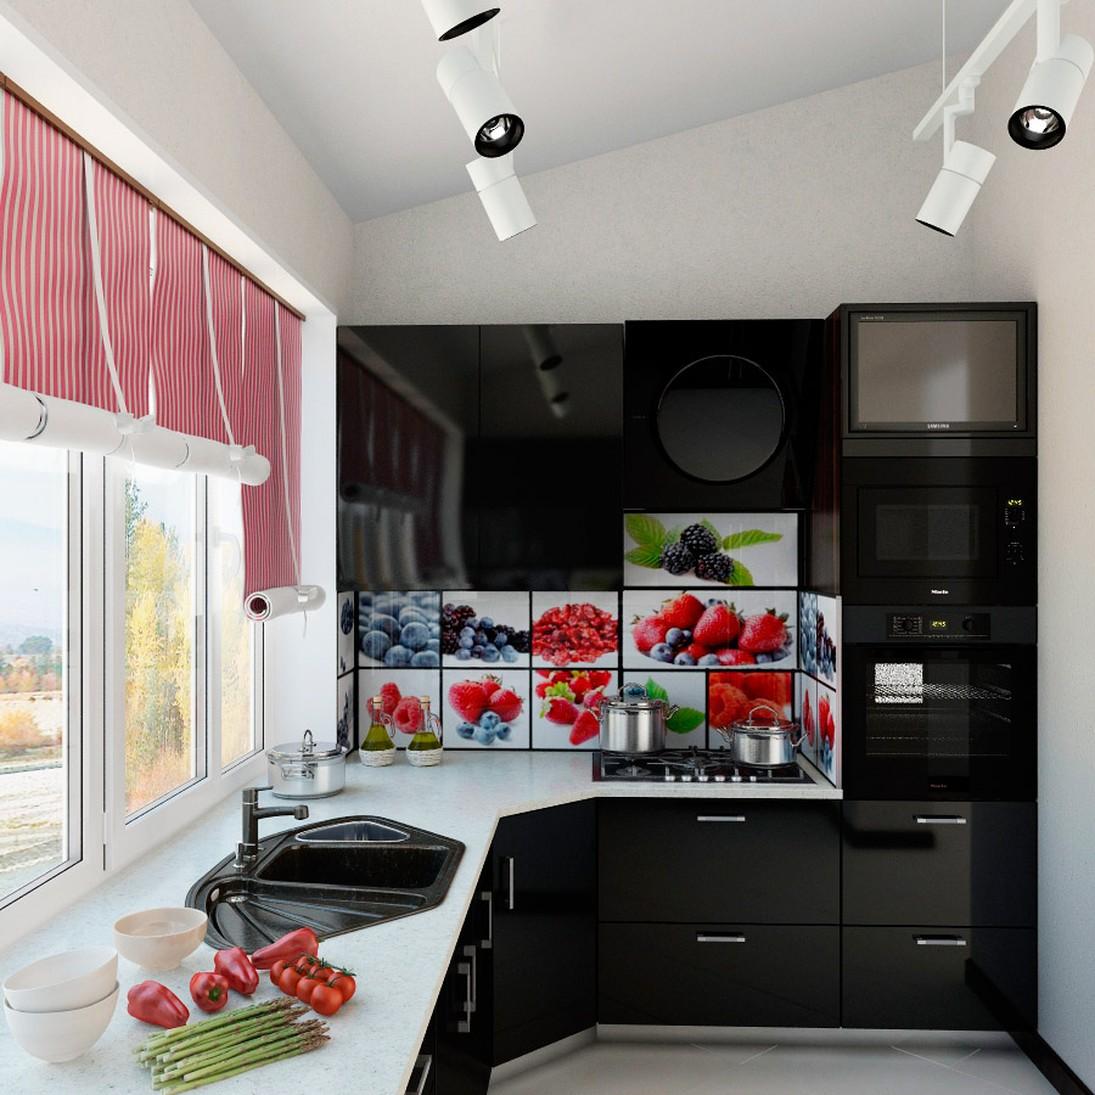 Дизайн кухни вместе с балконом дизайн кухни - фото, описание.